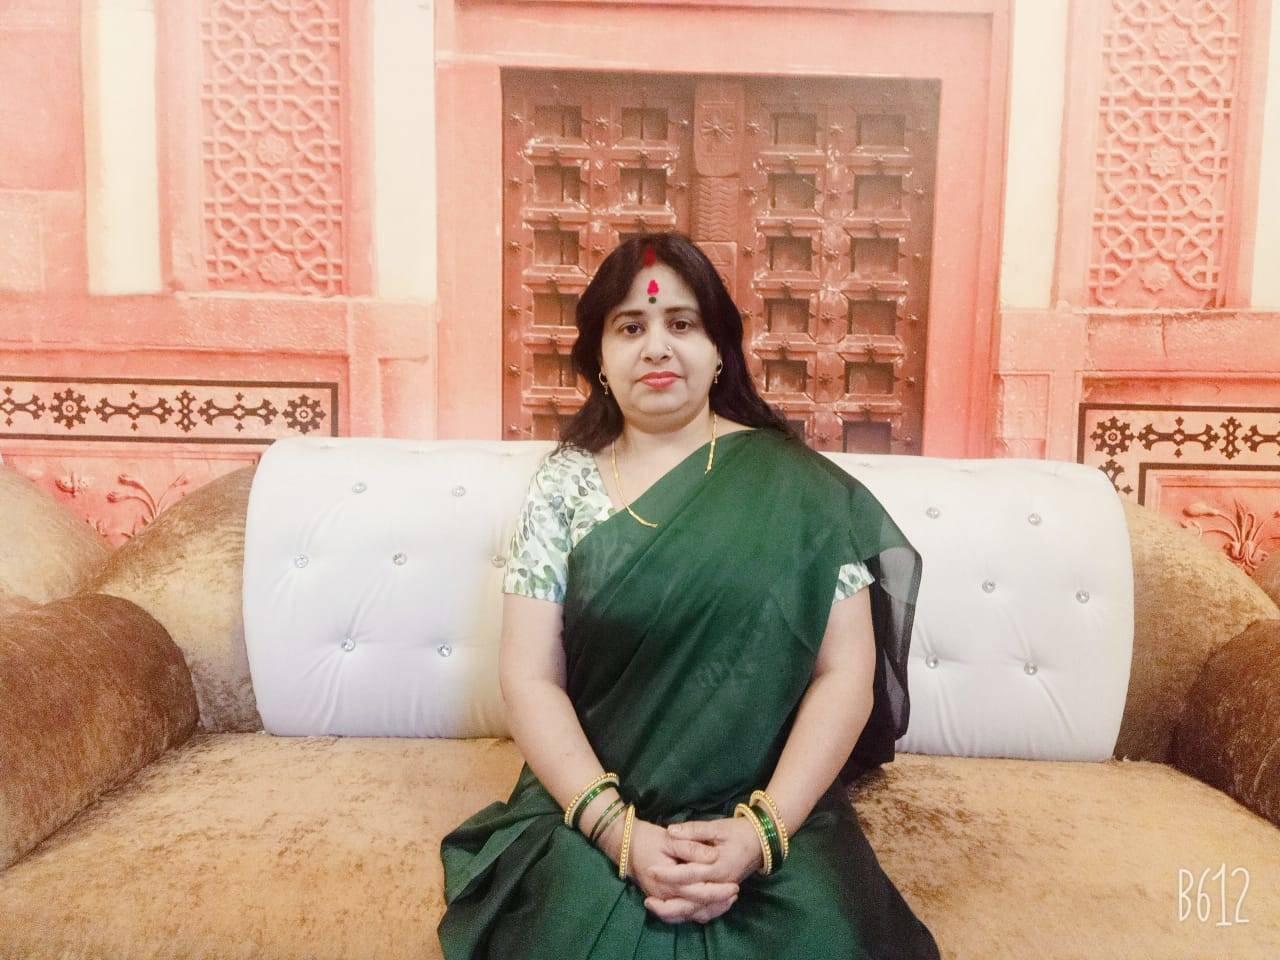 पद्म विभूषण छन्नूलाल मिश्र की बेटी की मौत पर डीएम ने बिठायी वरिष्ठ डॉक्टरों की 3 सदस्यीय जांच कमेटी